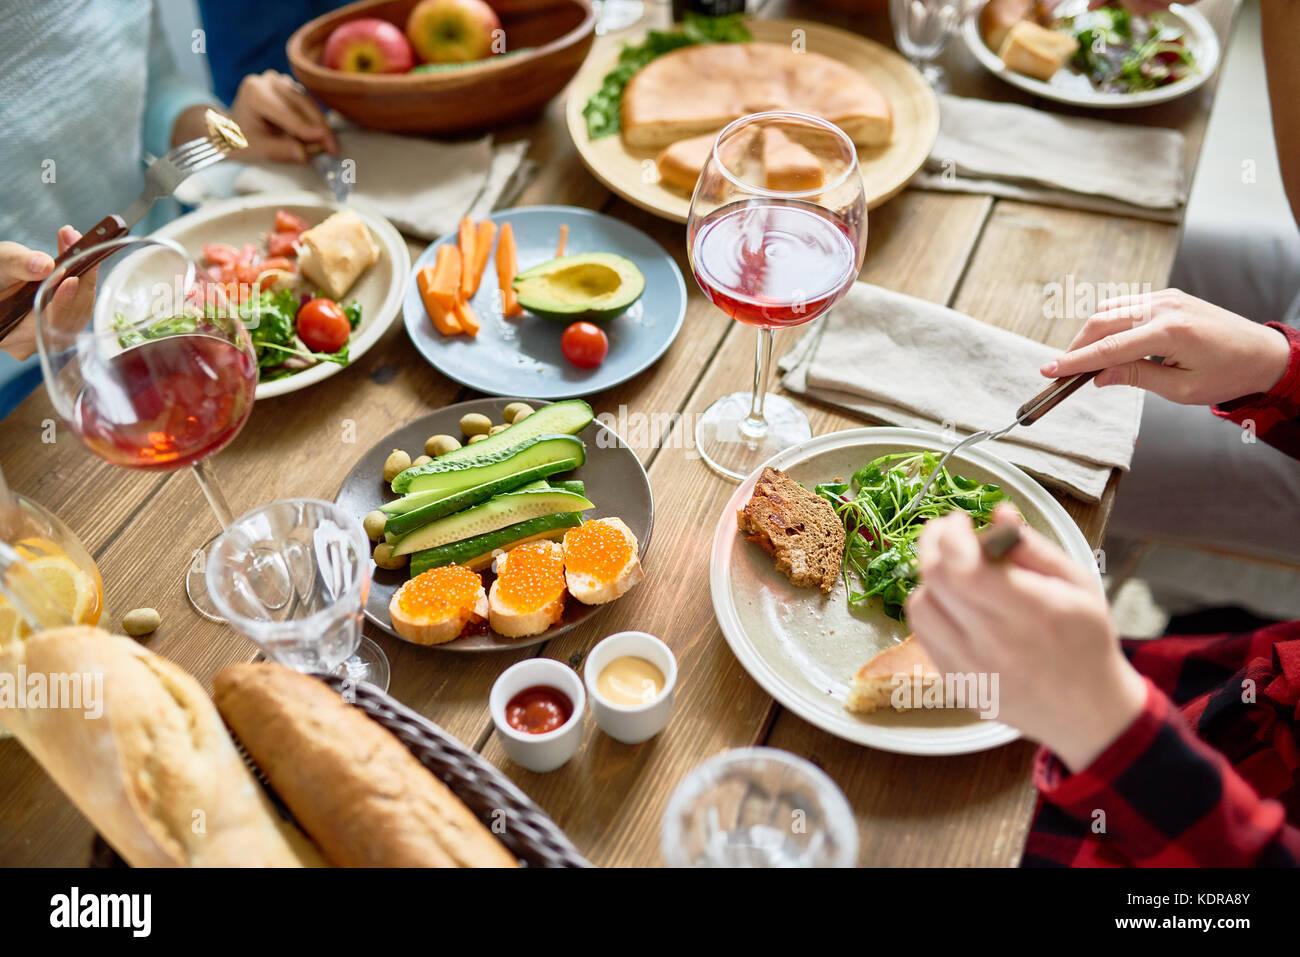 Leute genießen köstliches Abendessen Stockbild